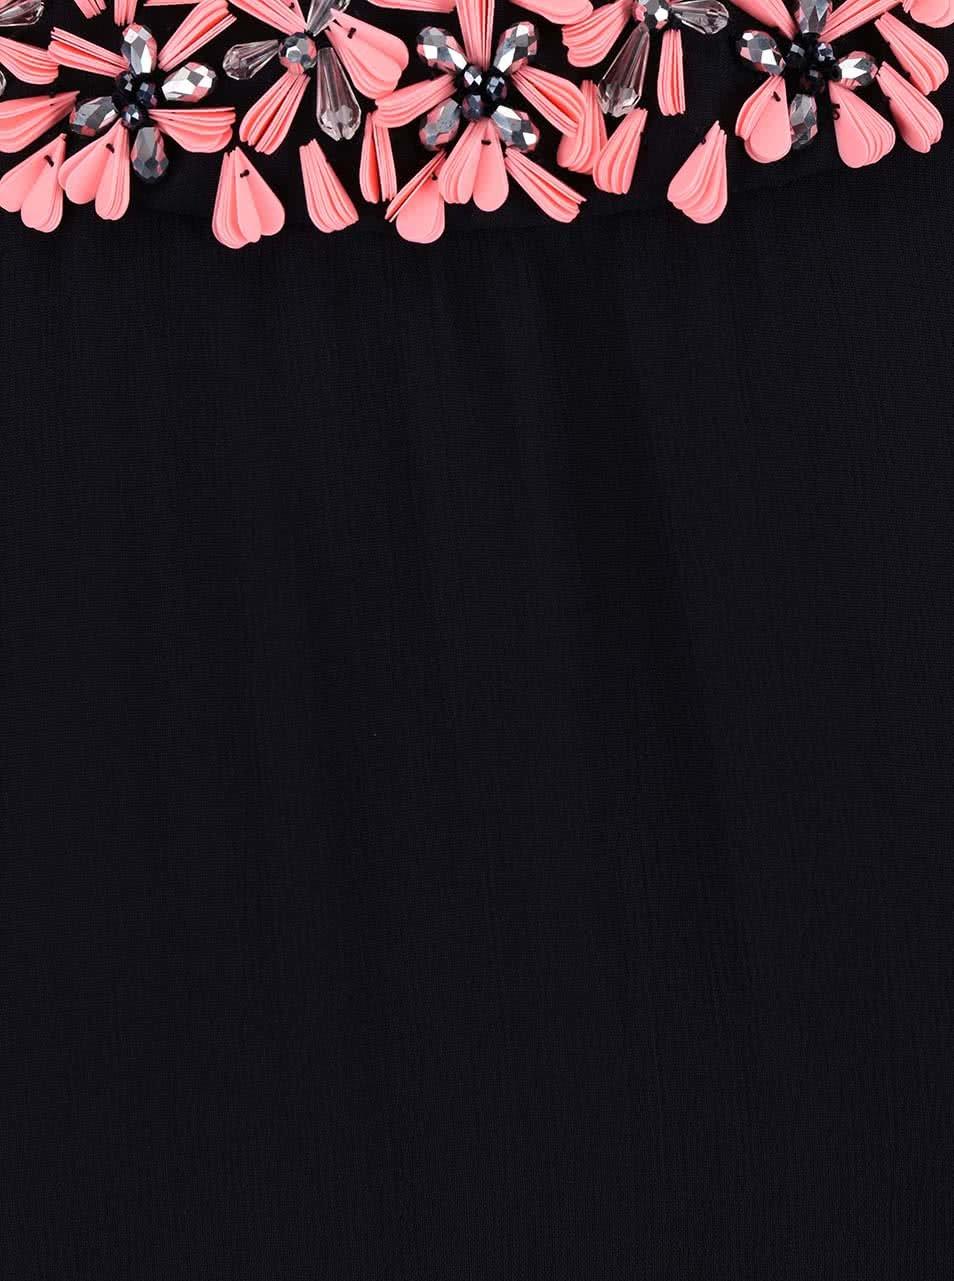 f36a0c4422d2 Modré šaty s kvetinovou aplikáciou French Connection Samba ...